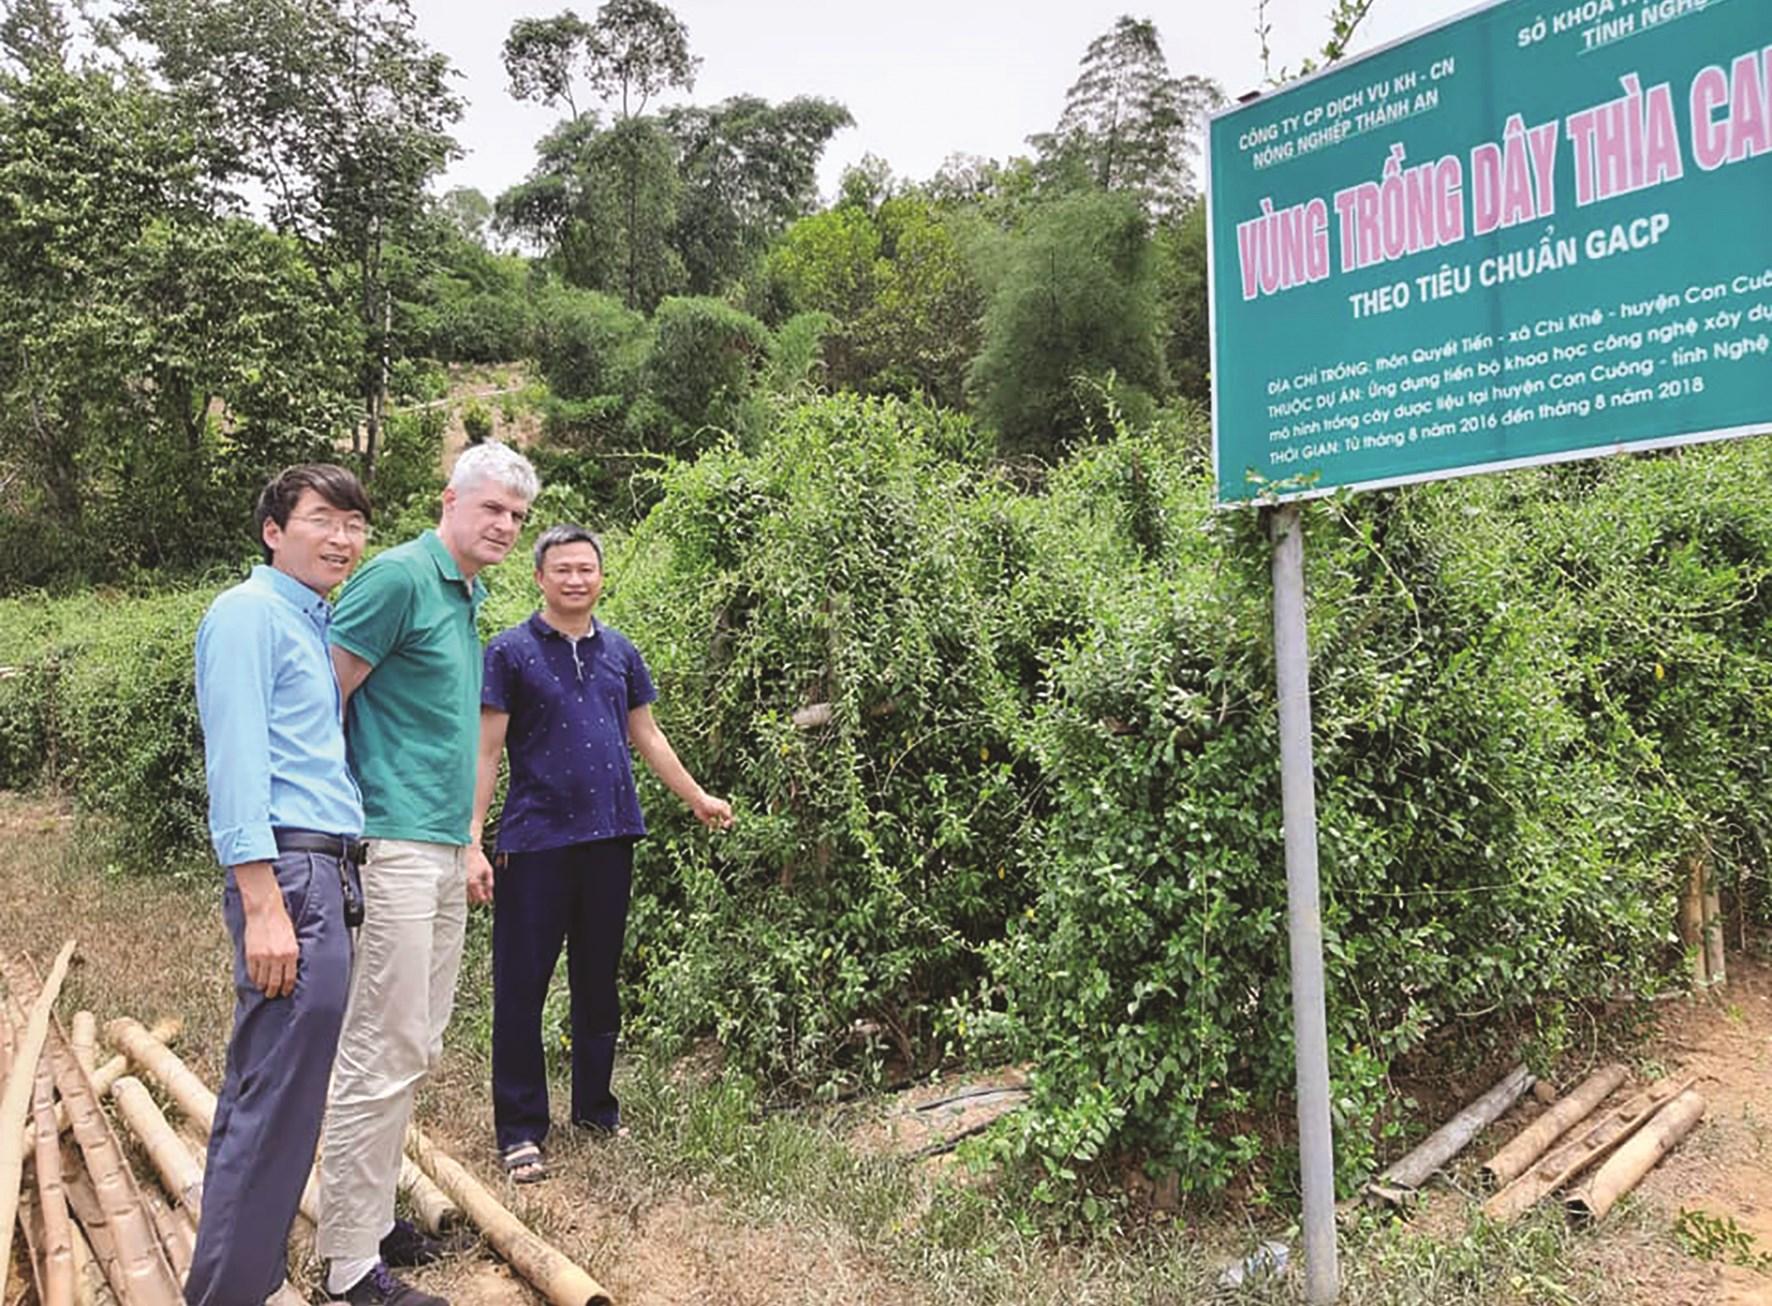 Giám đốc Phan Xuân Diện (áo đen) giới thiệu về cây dược liệu với chuyên gia nước ngoài.